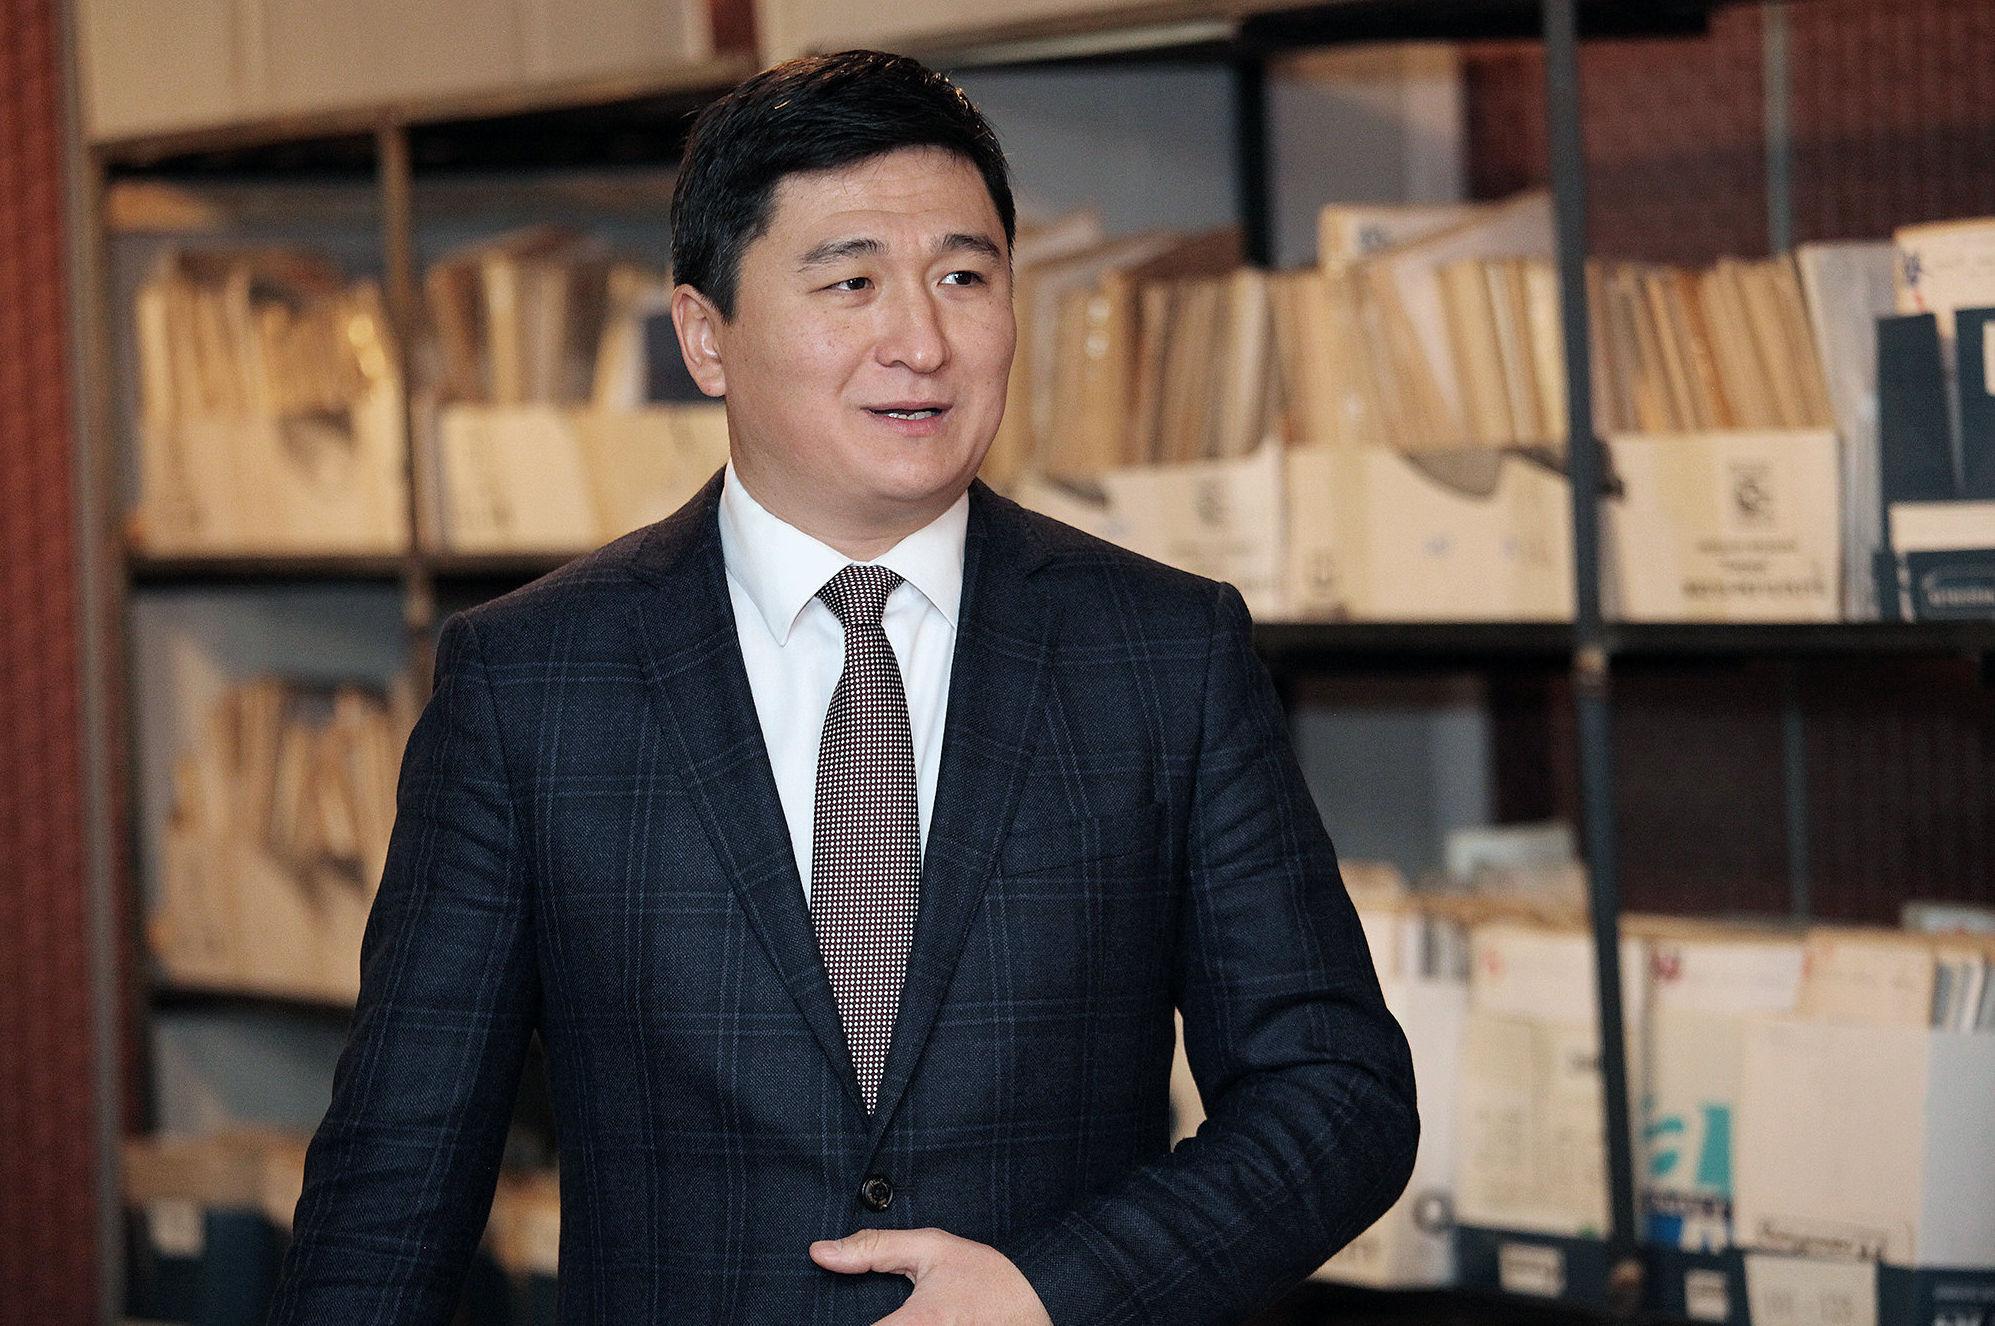 Председатель правления Фонда развития предпринимательства Чингиз Макешов в архивном зале